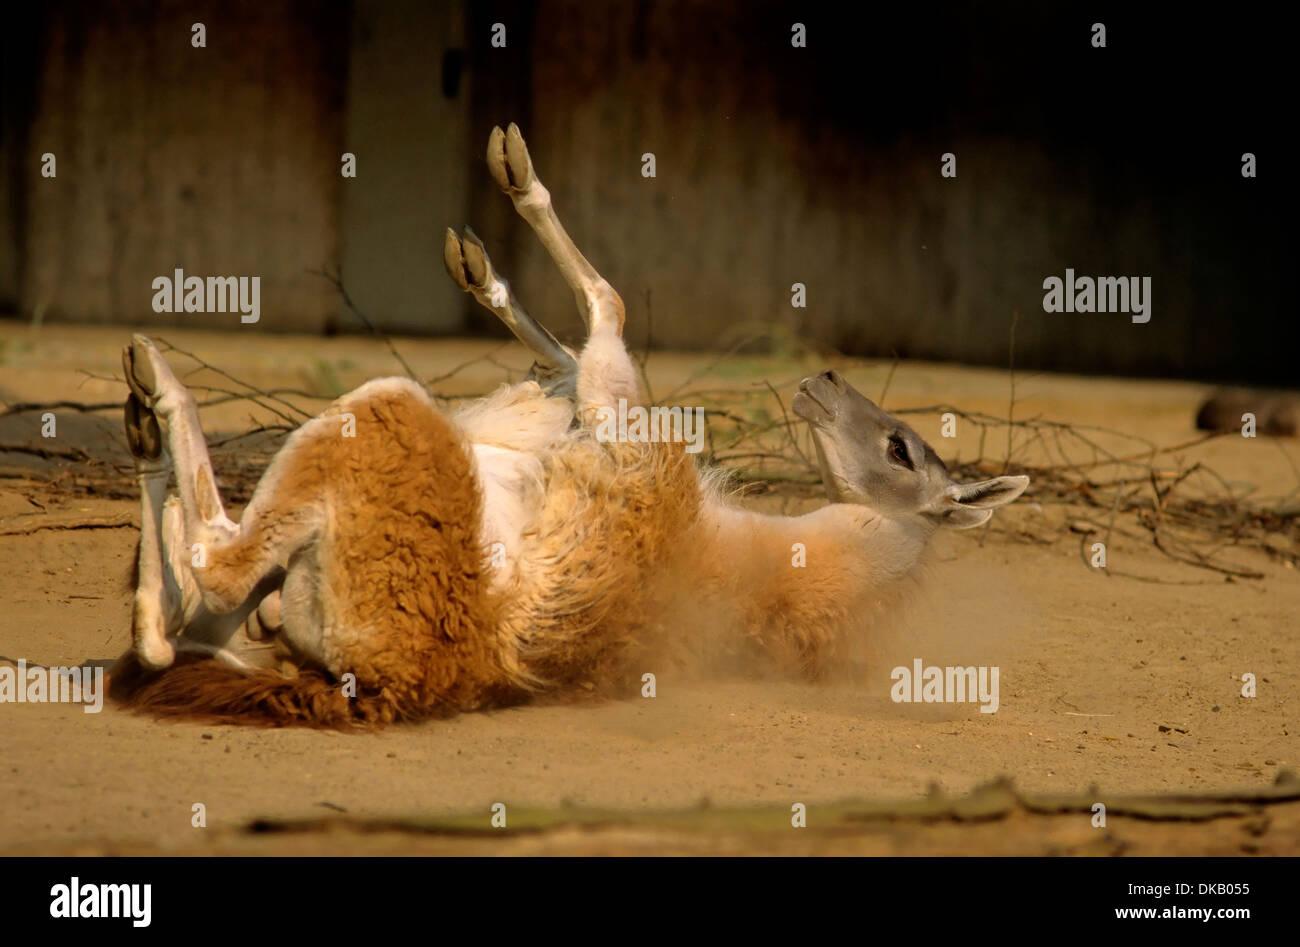 guanaco rolling in the dust, (Lama guanicoe) , Zoo: Guanaco wälzt sich im Staub, Guanako (Lama guanicoe), Huanako - Stock Image